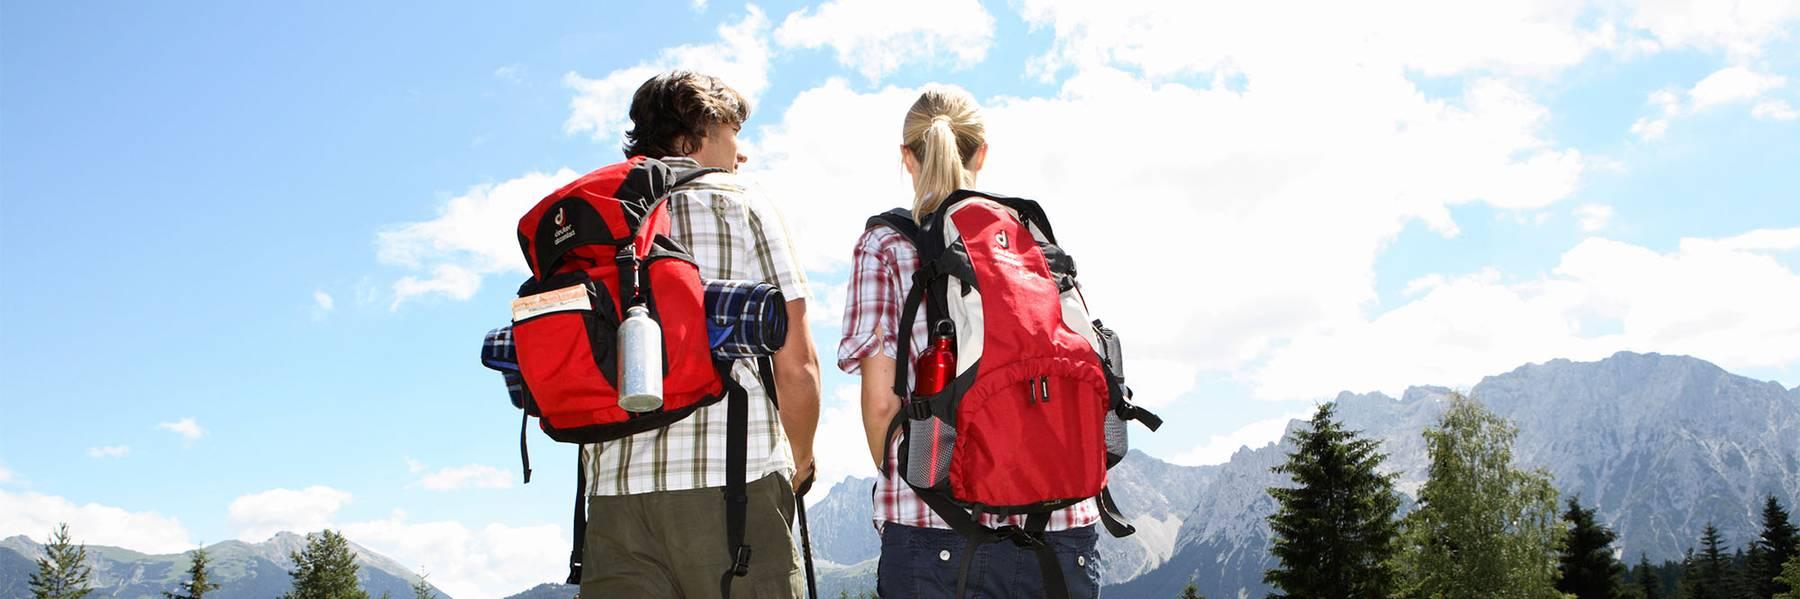 Wanderurlaub im Karwendelgebirge